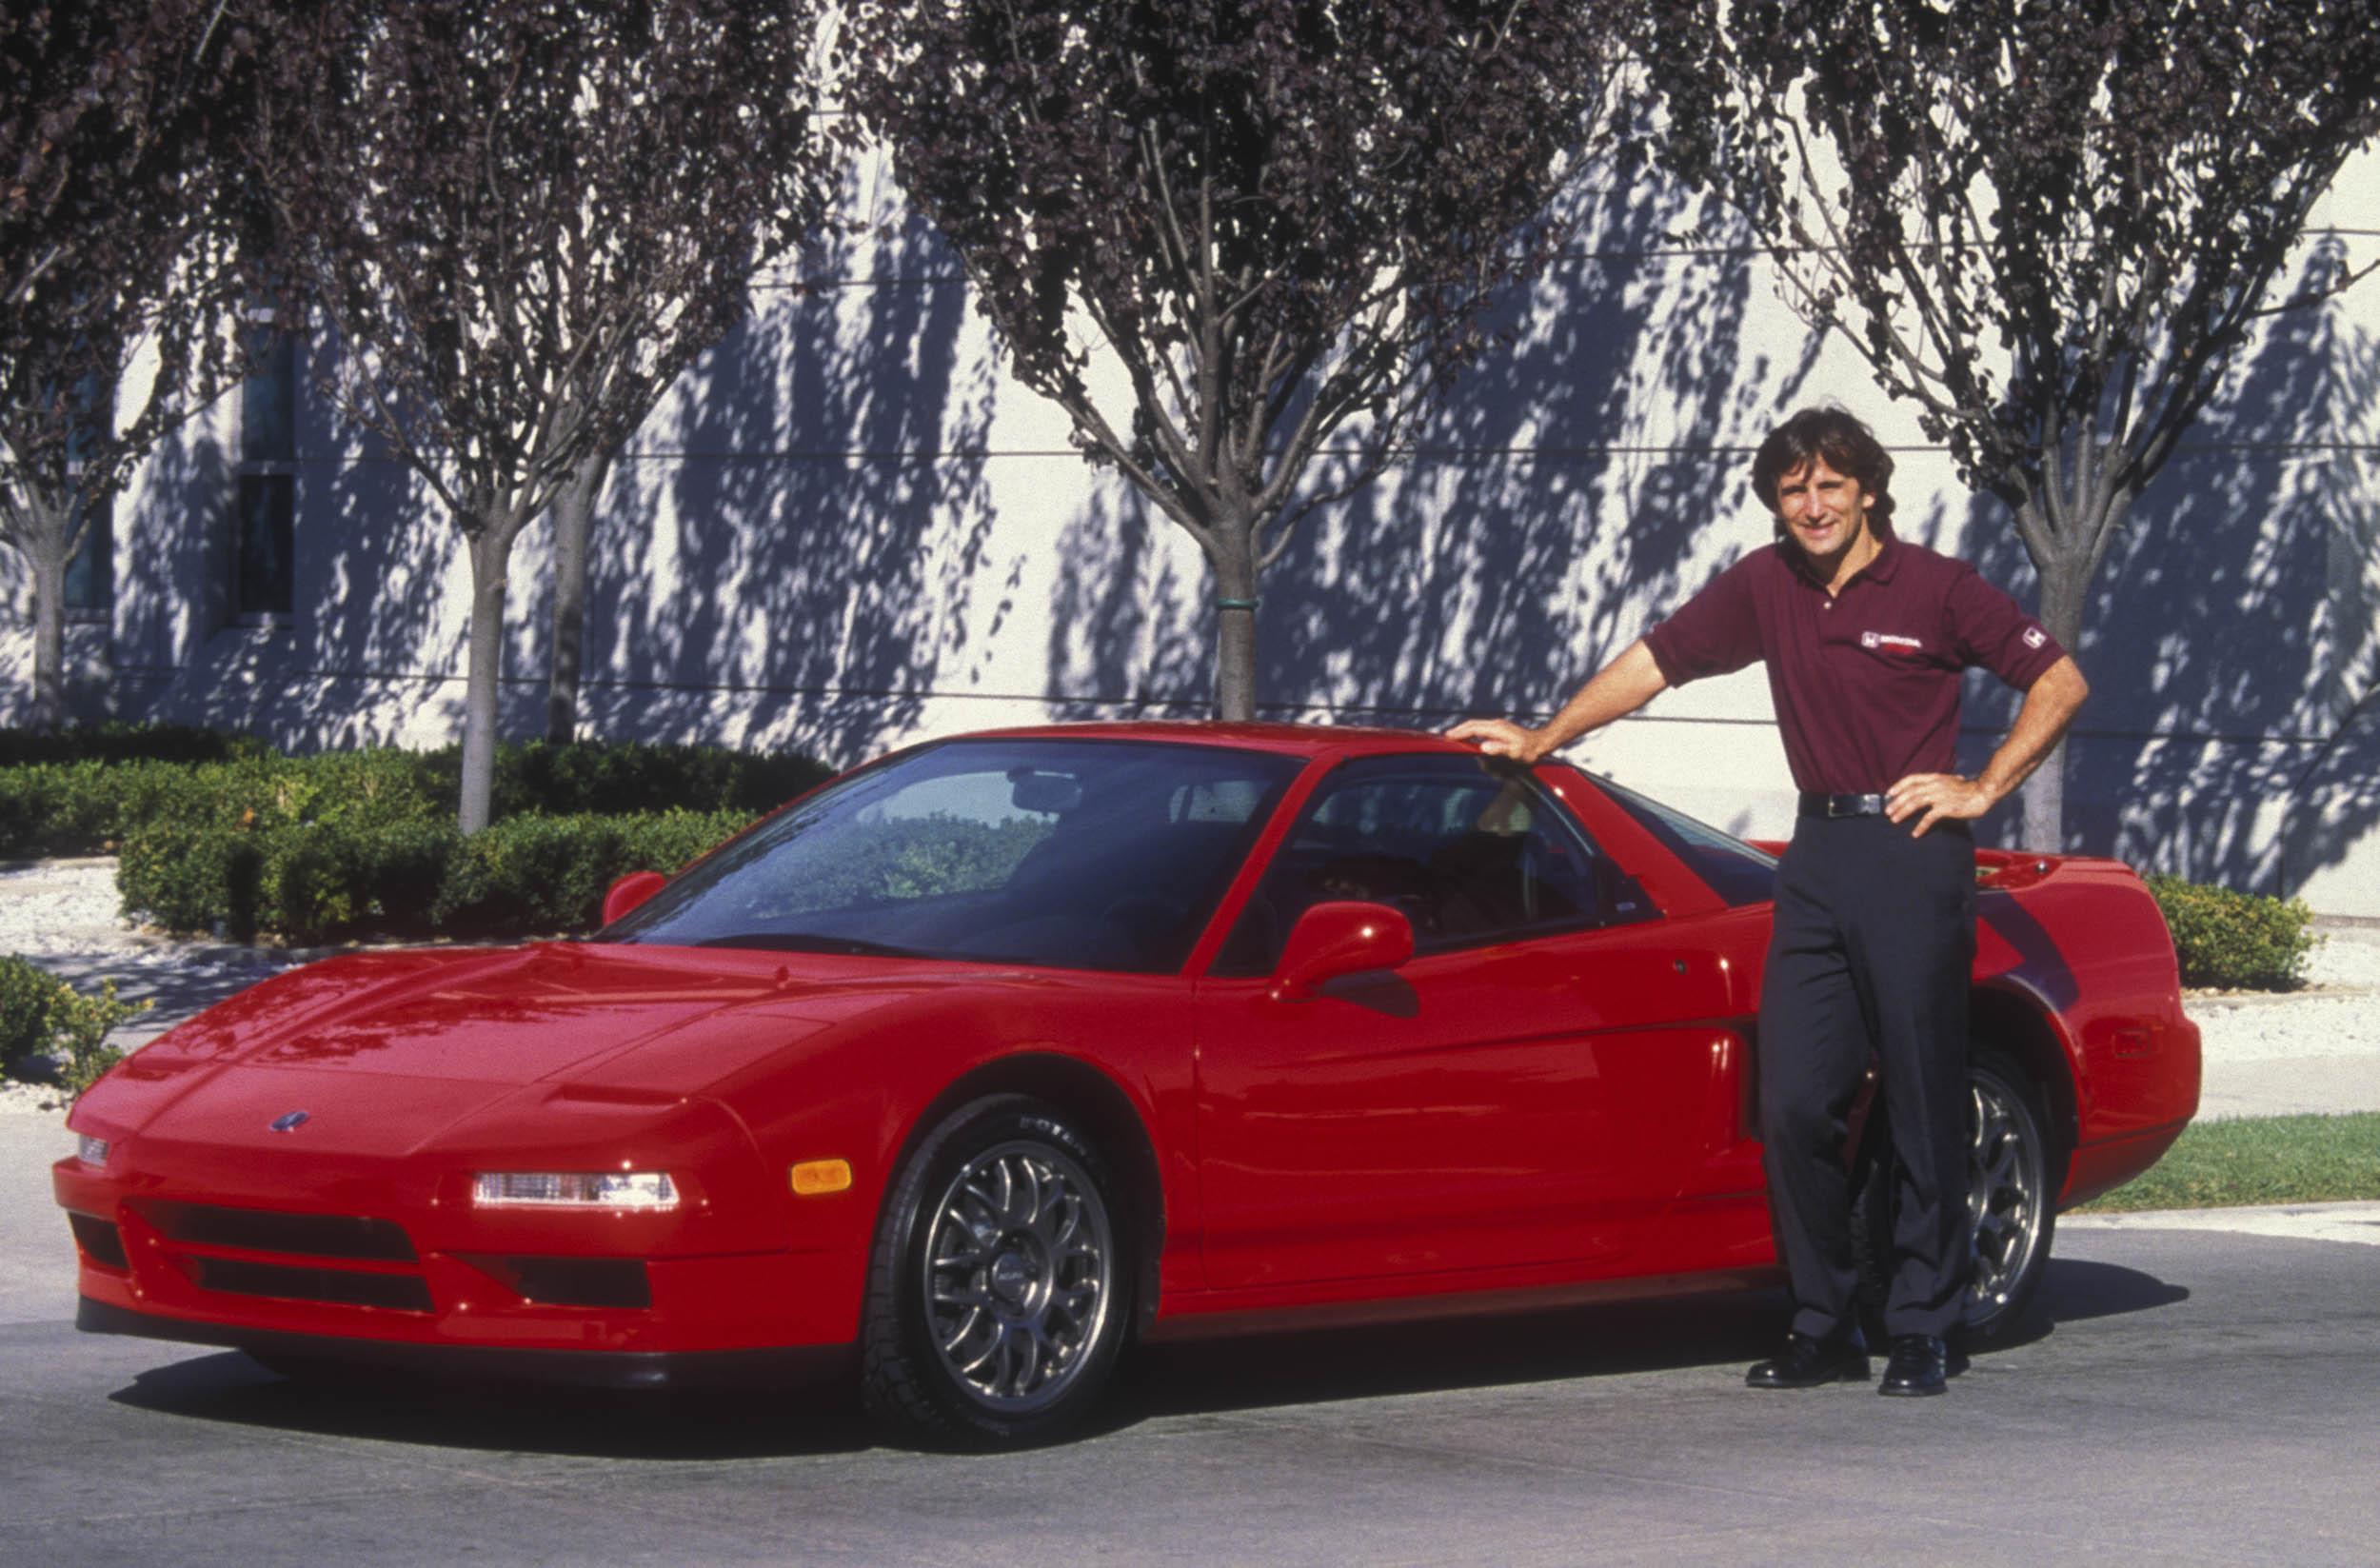 Alex Zanardi With Zanardi Edition Acura NSX